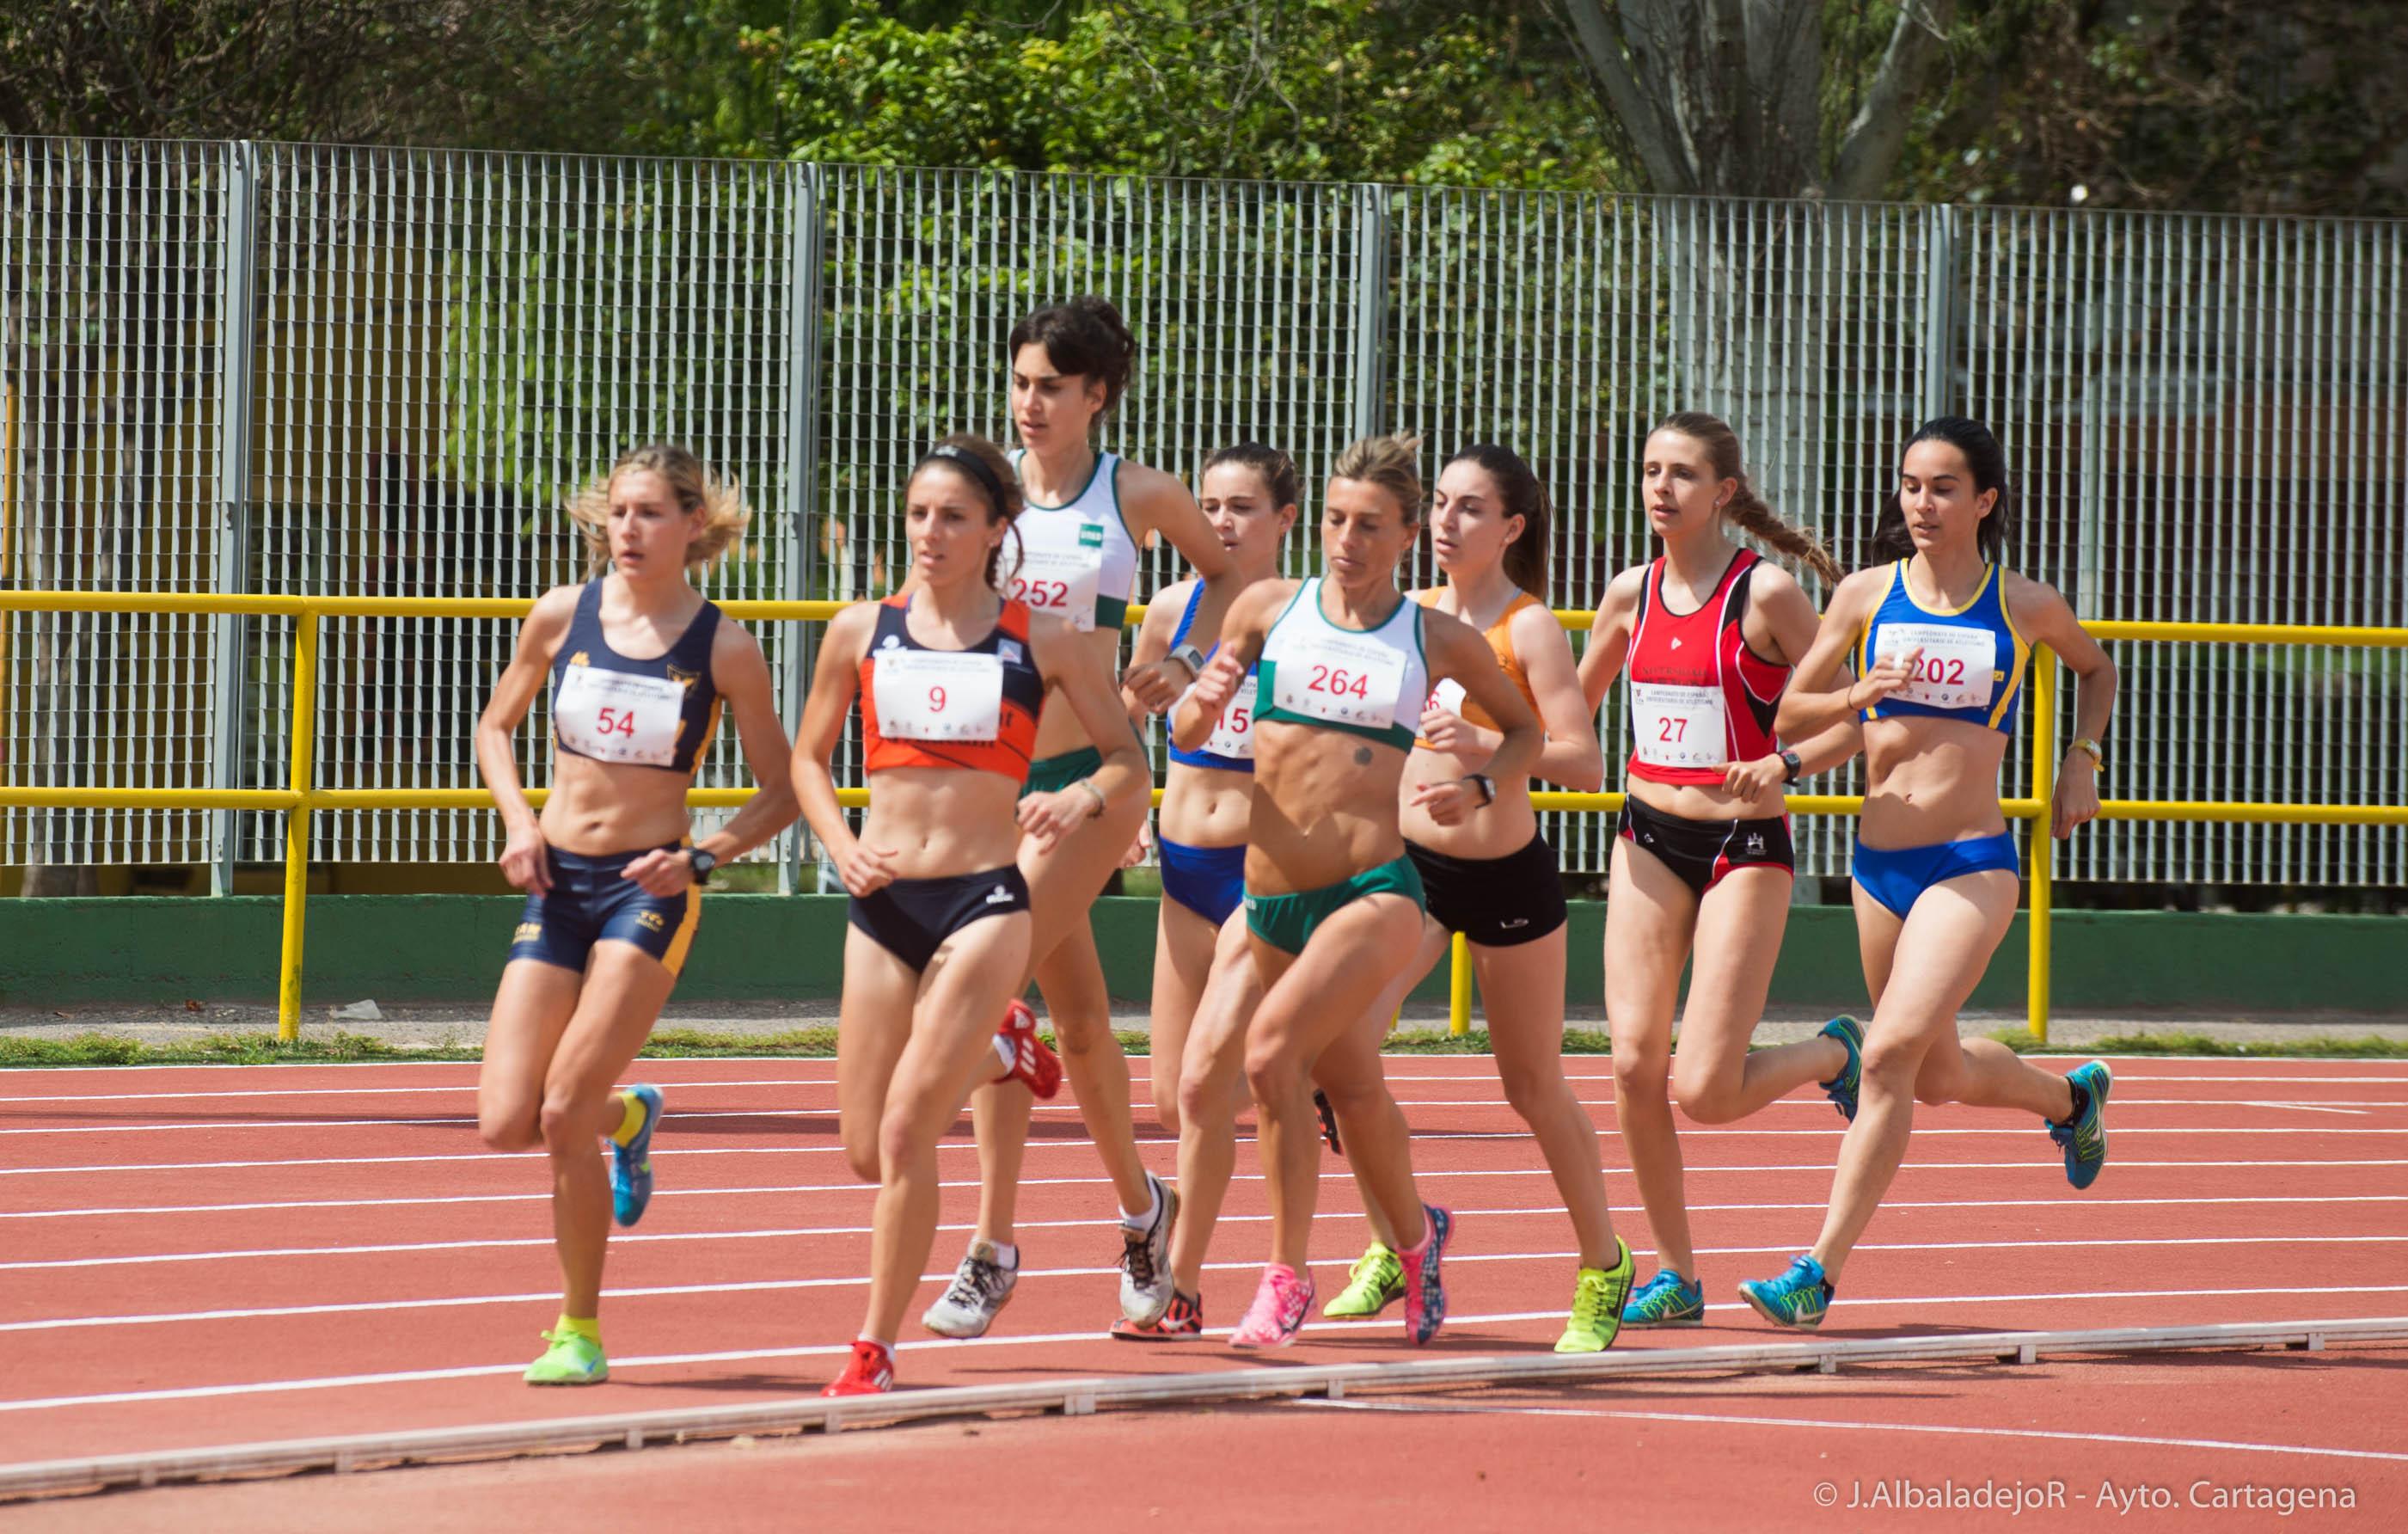 Campeonato Nacional de Atletismo UCAM Cartagena